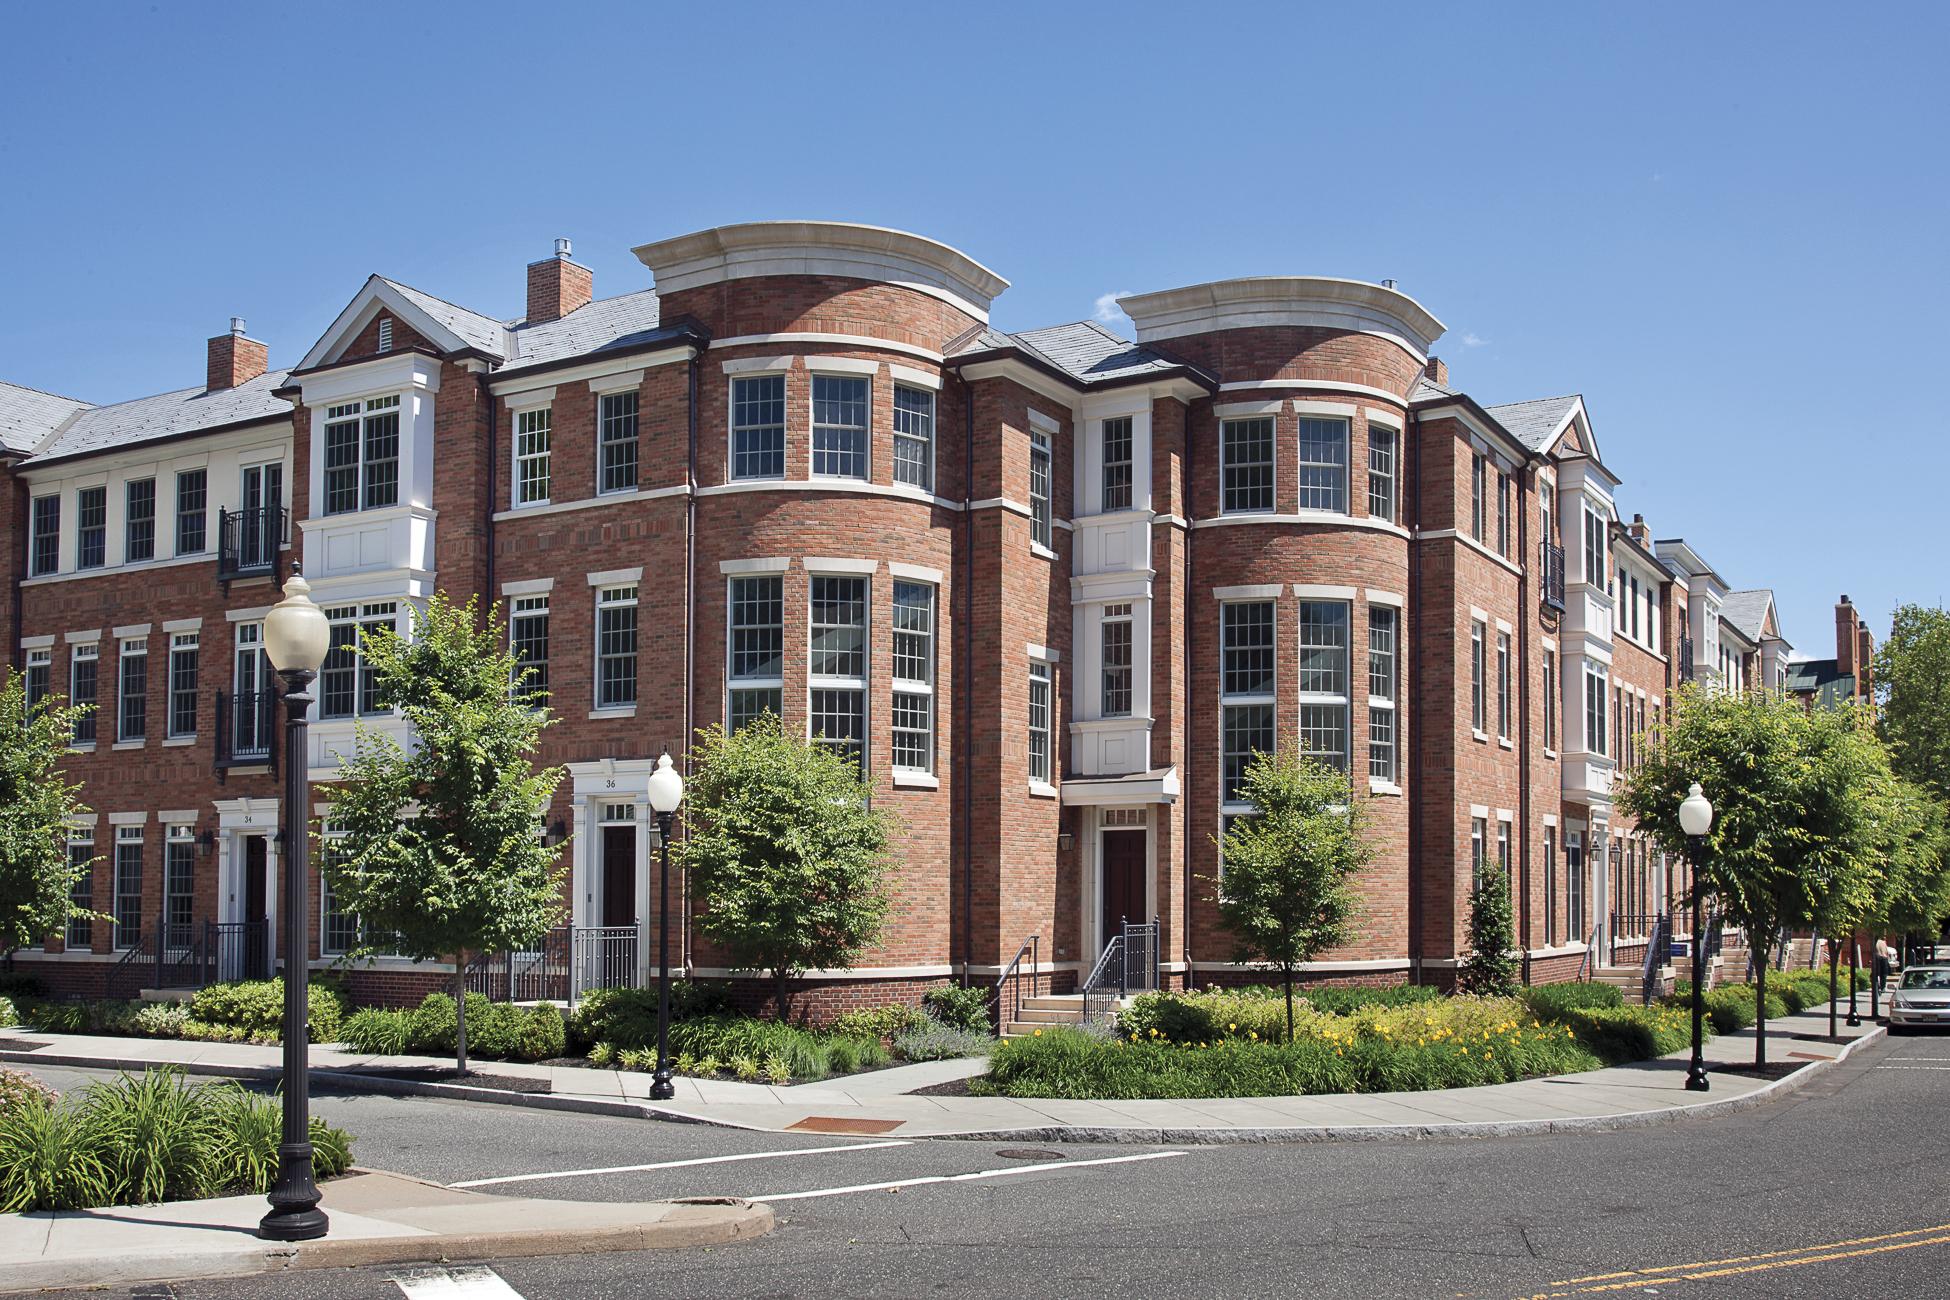 タウンハウス のために 売買 アット Stunning, One-Of-A-Kind Townhome 32 Paul Robeson Place Princeton, ニュージャージー 08540 アメリカ合衆国